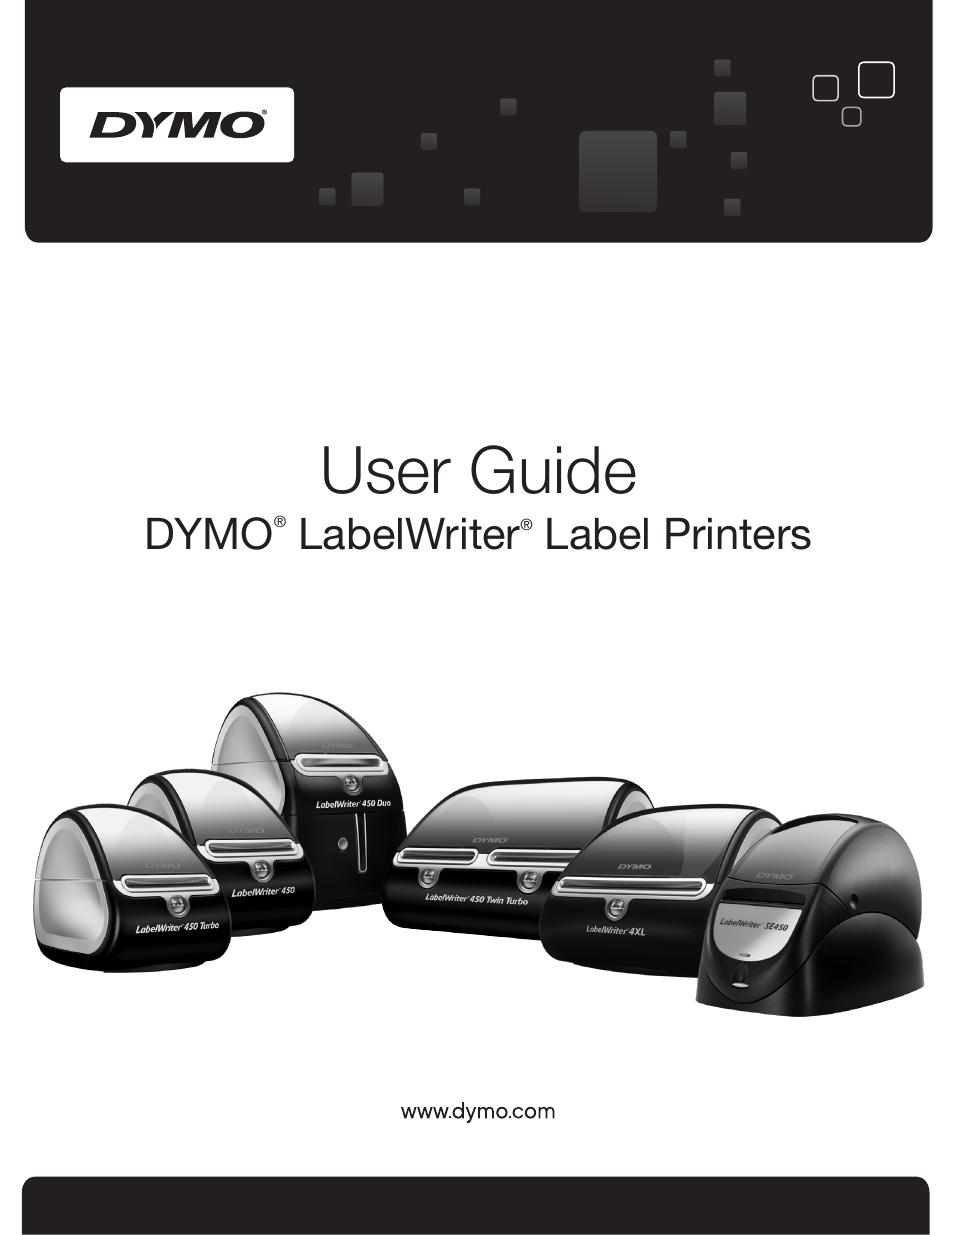 Dymo LabelWriter 450 Turbo Hardware Manual User Manual | 29 pages | Also  for: LabelWriter 450 Hardware Manual, LabelWriter 450 Duo Hardware Manual,  ...